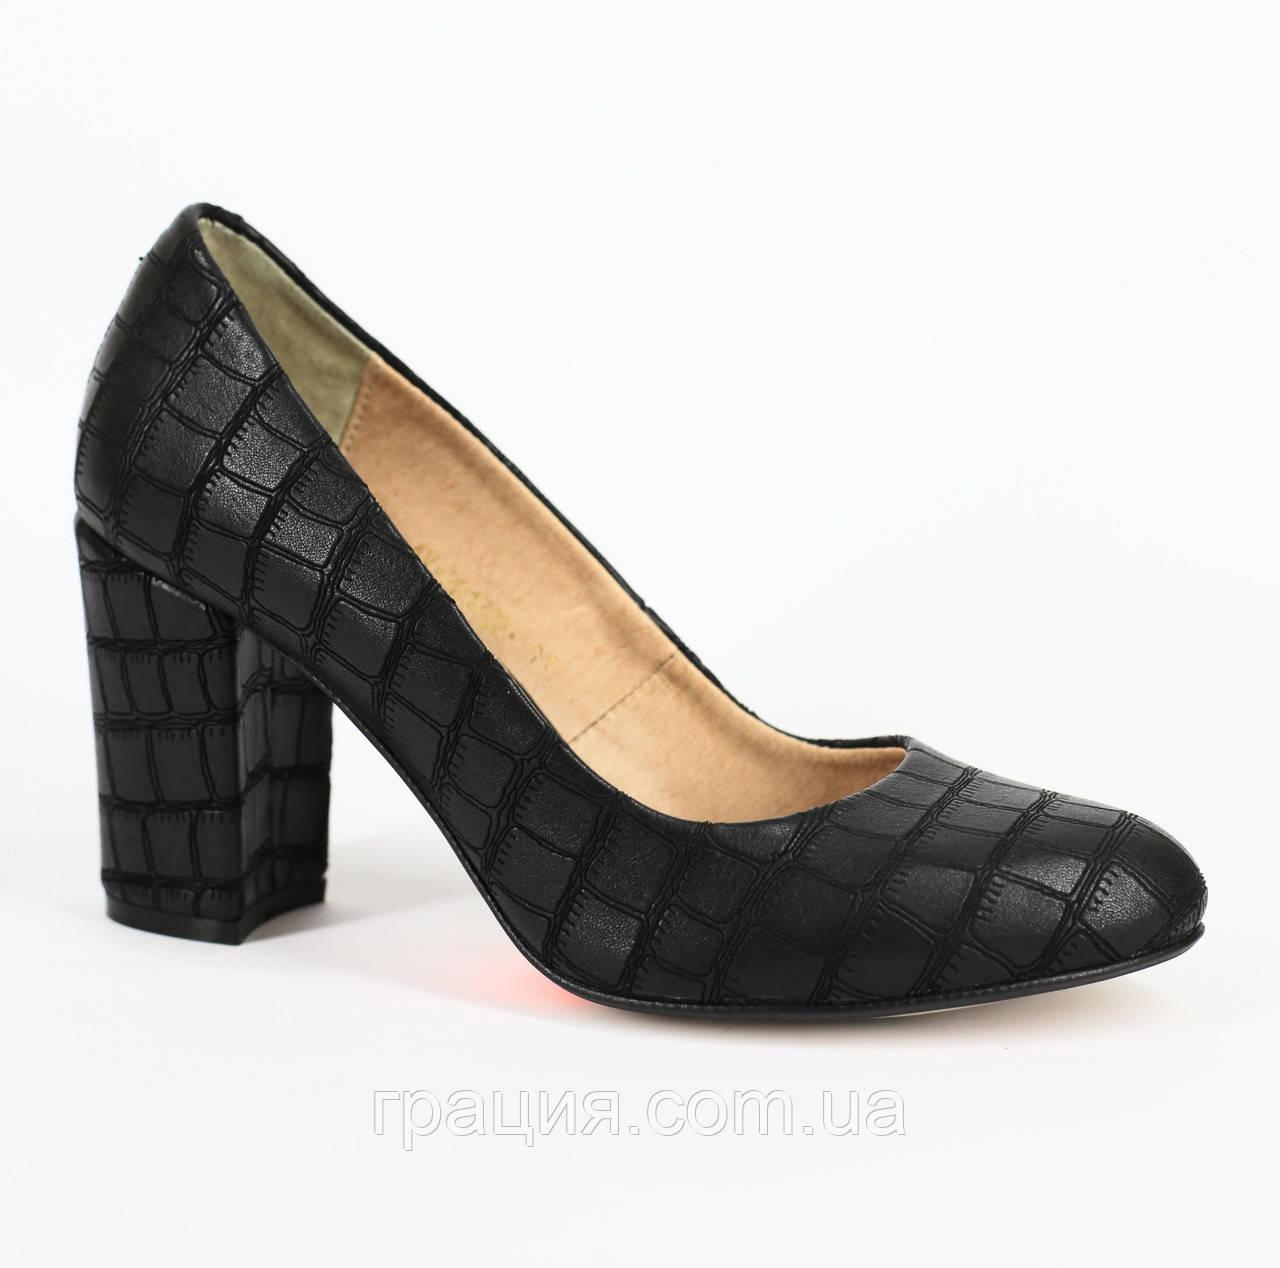 Женские кожаные туфли из натуральной кожи на каблуке